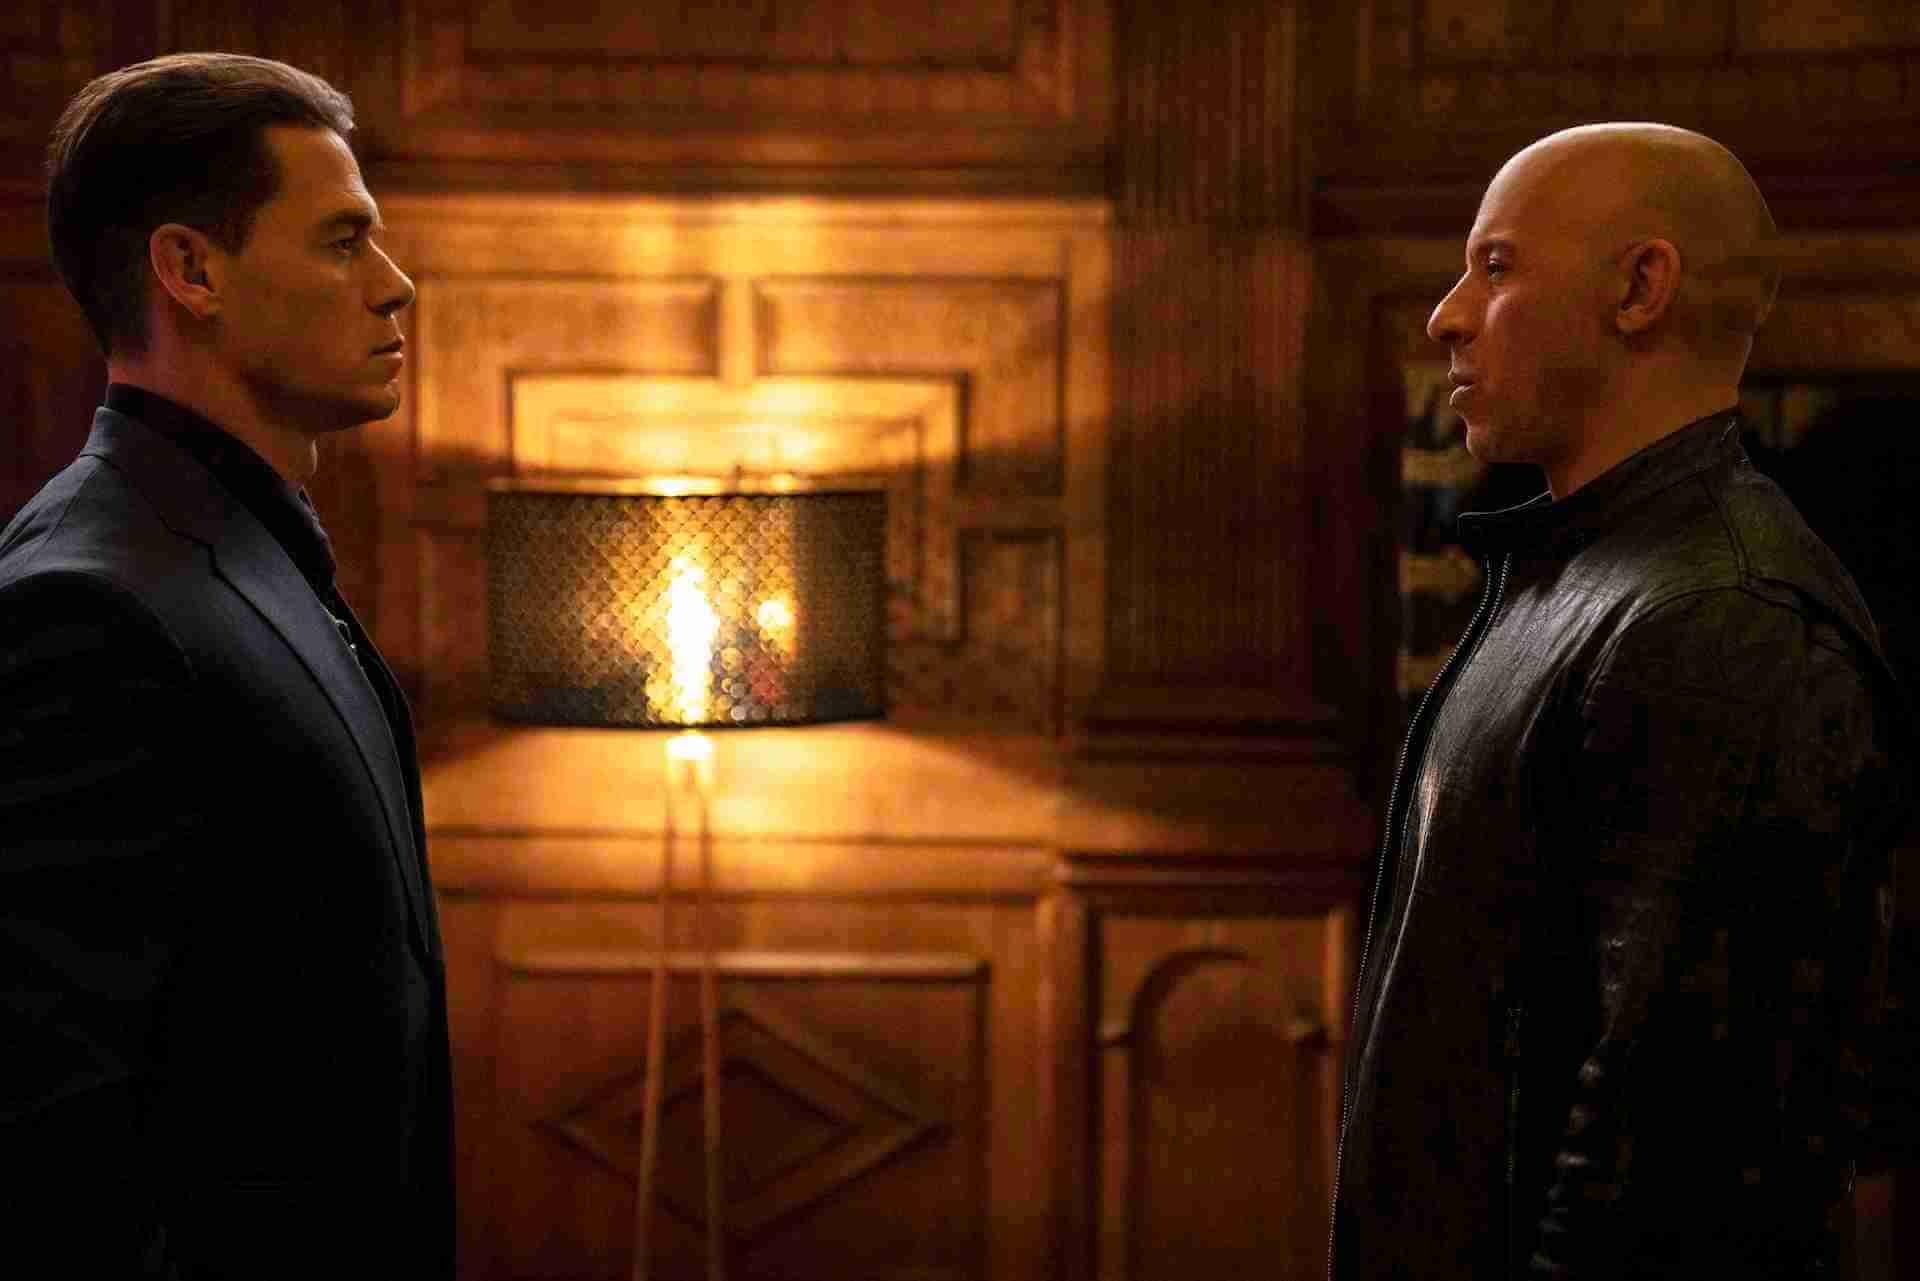 ドミニクとジェイコブの兄弟喧嘩、ついに勃発!『ワイルド・スピード/ジェットブレイク』の新本編映像が解禁 film210803_ff9_3